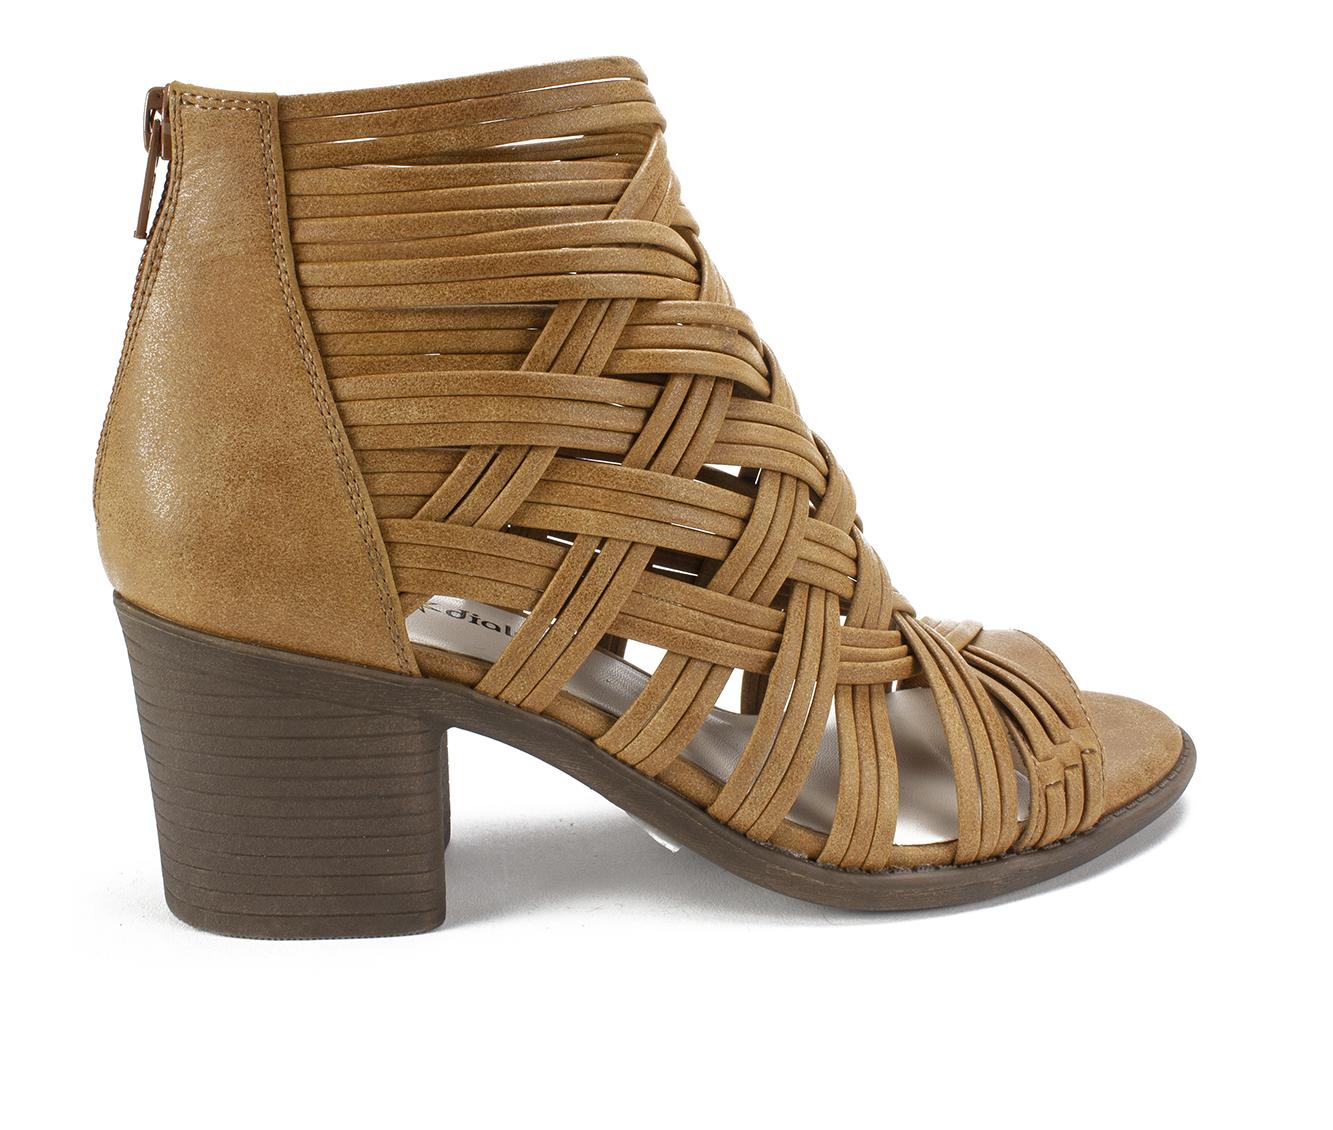 Seven Dials Brixton Women's Dress Shoe (Beige - Faux Leather)